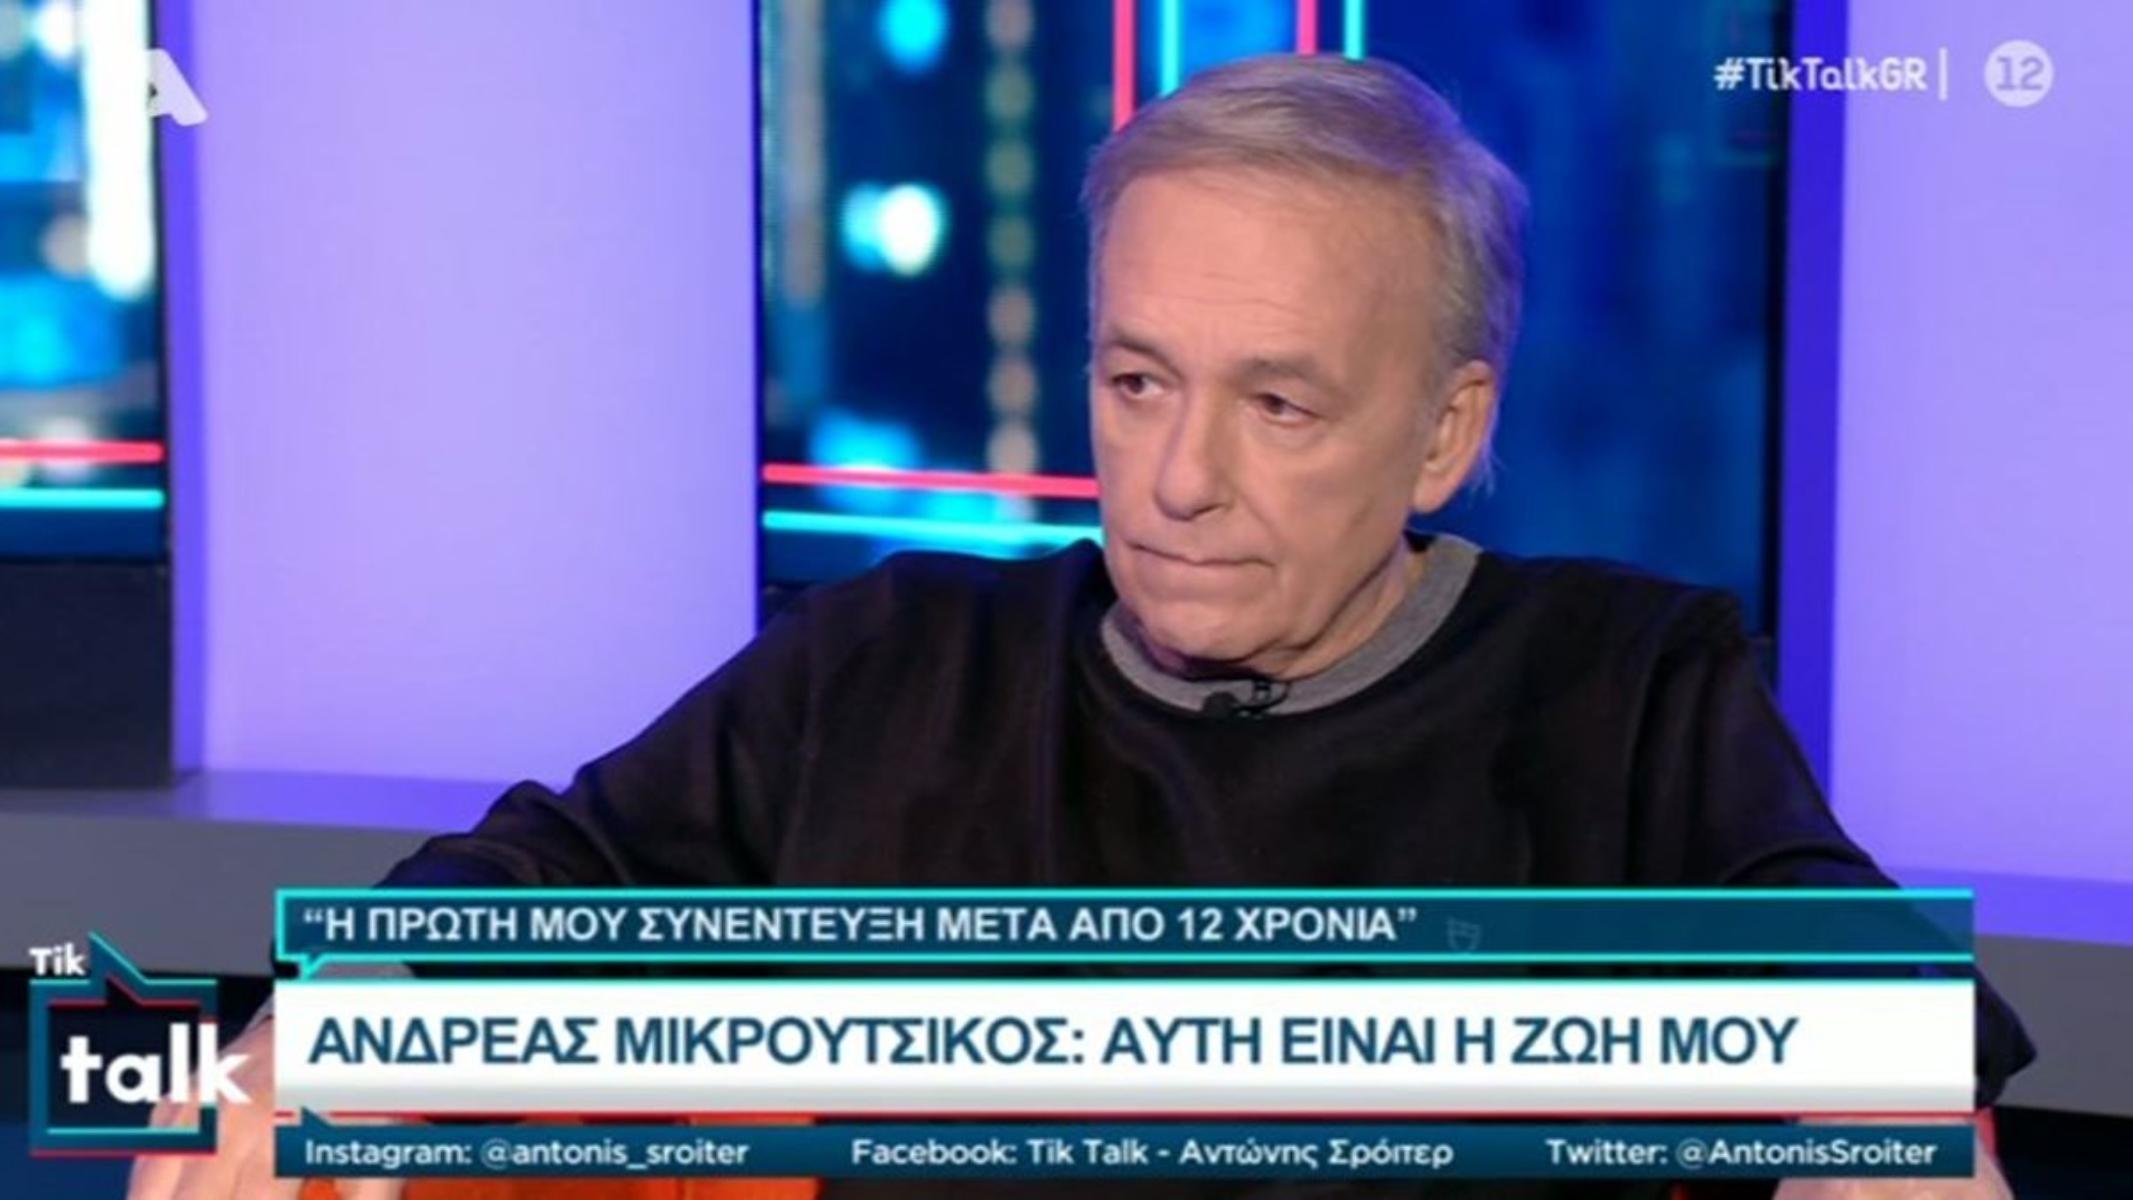 Ανδρέας Μικρούτσικος: Δεν μπορώ να βλέπω τον Θάνο. Ζητώ συγγνώμη.